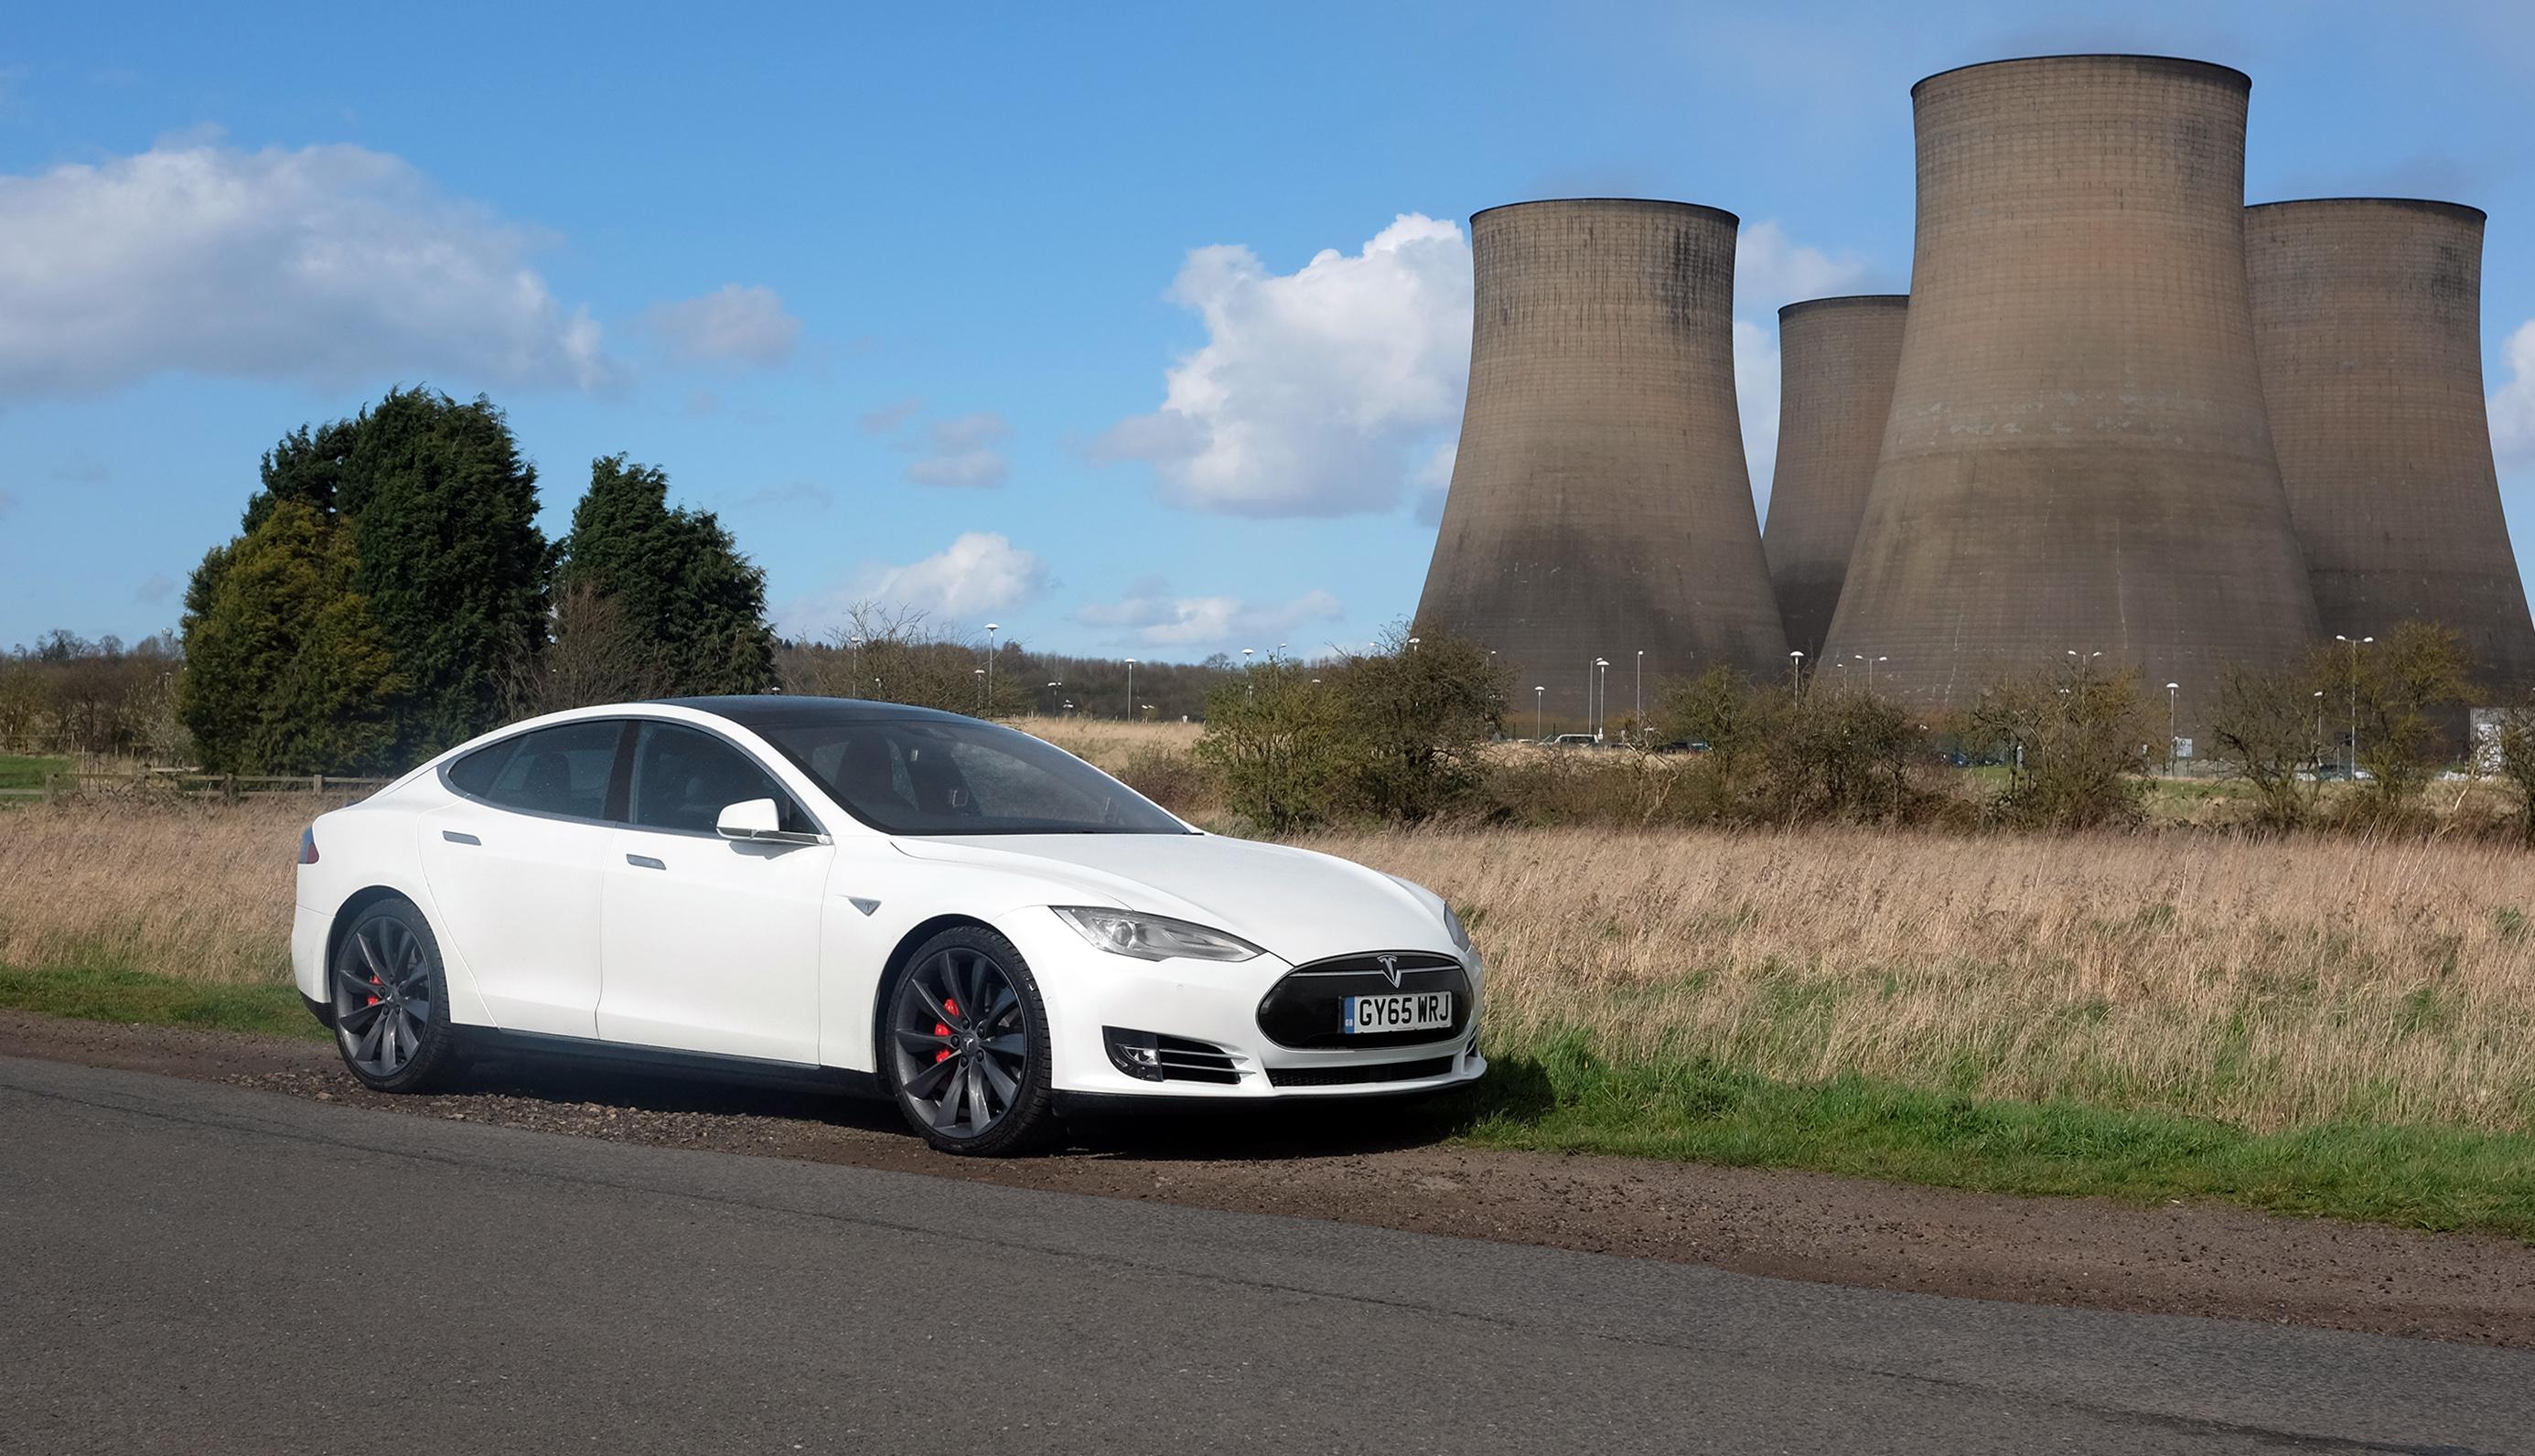 A semi-autonomous road trip in the Tesla Model S